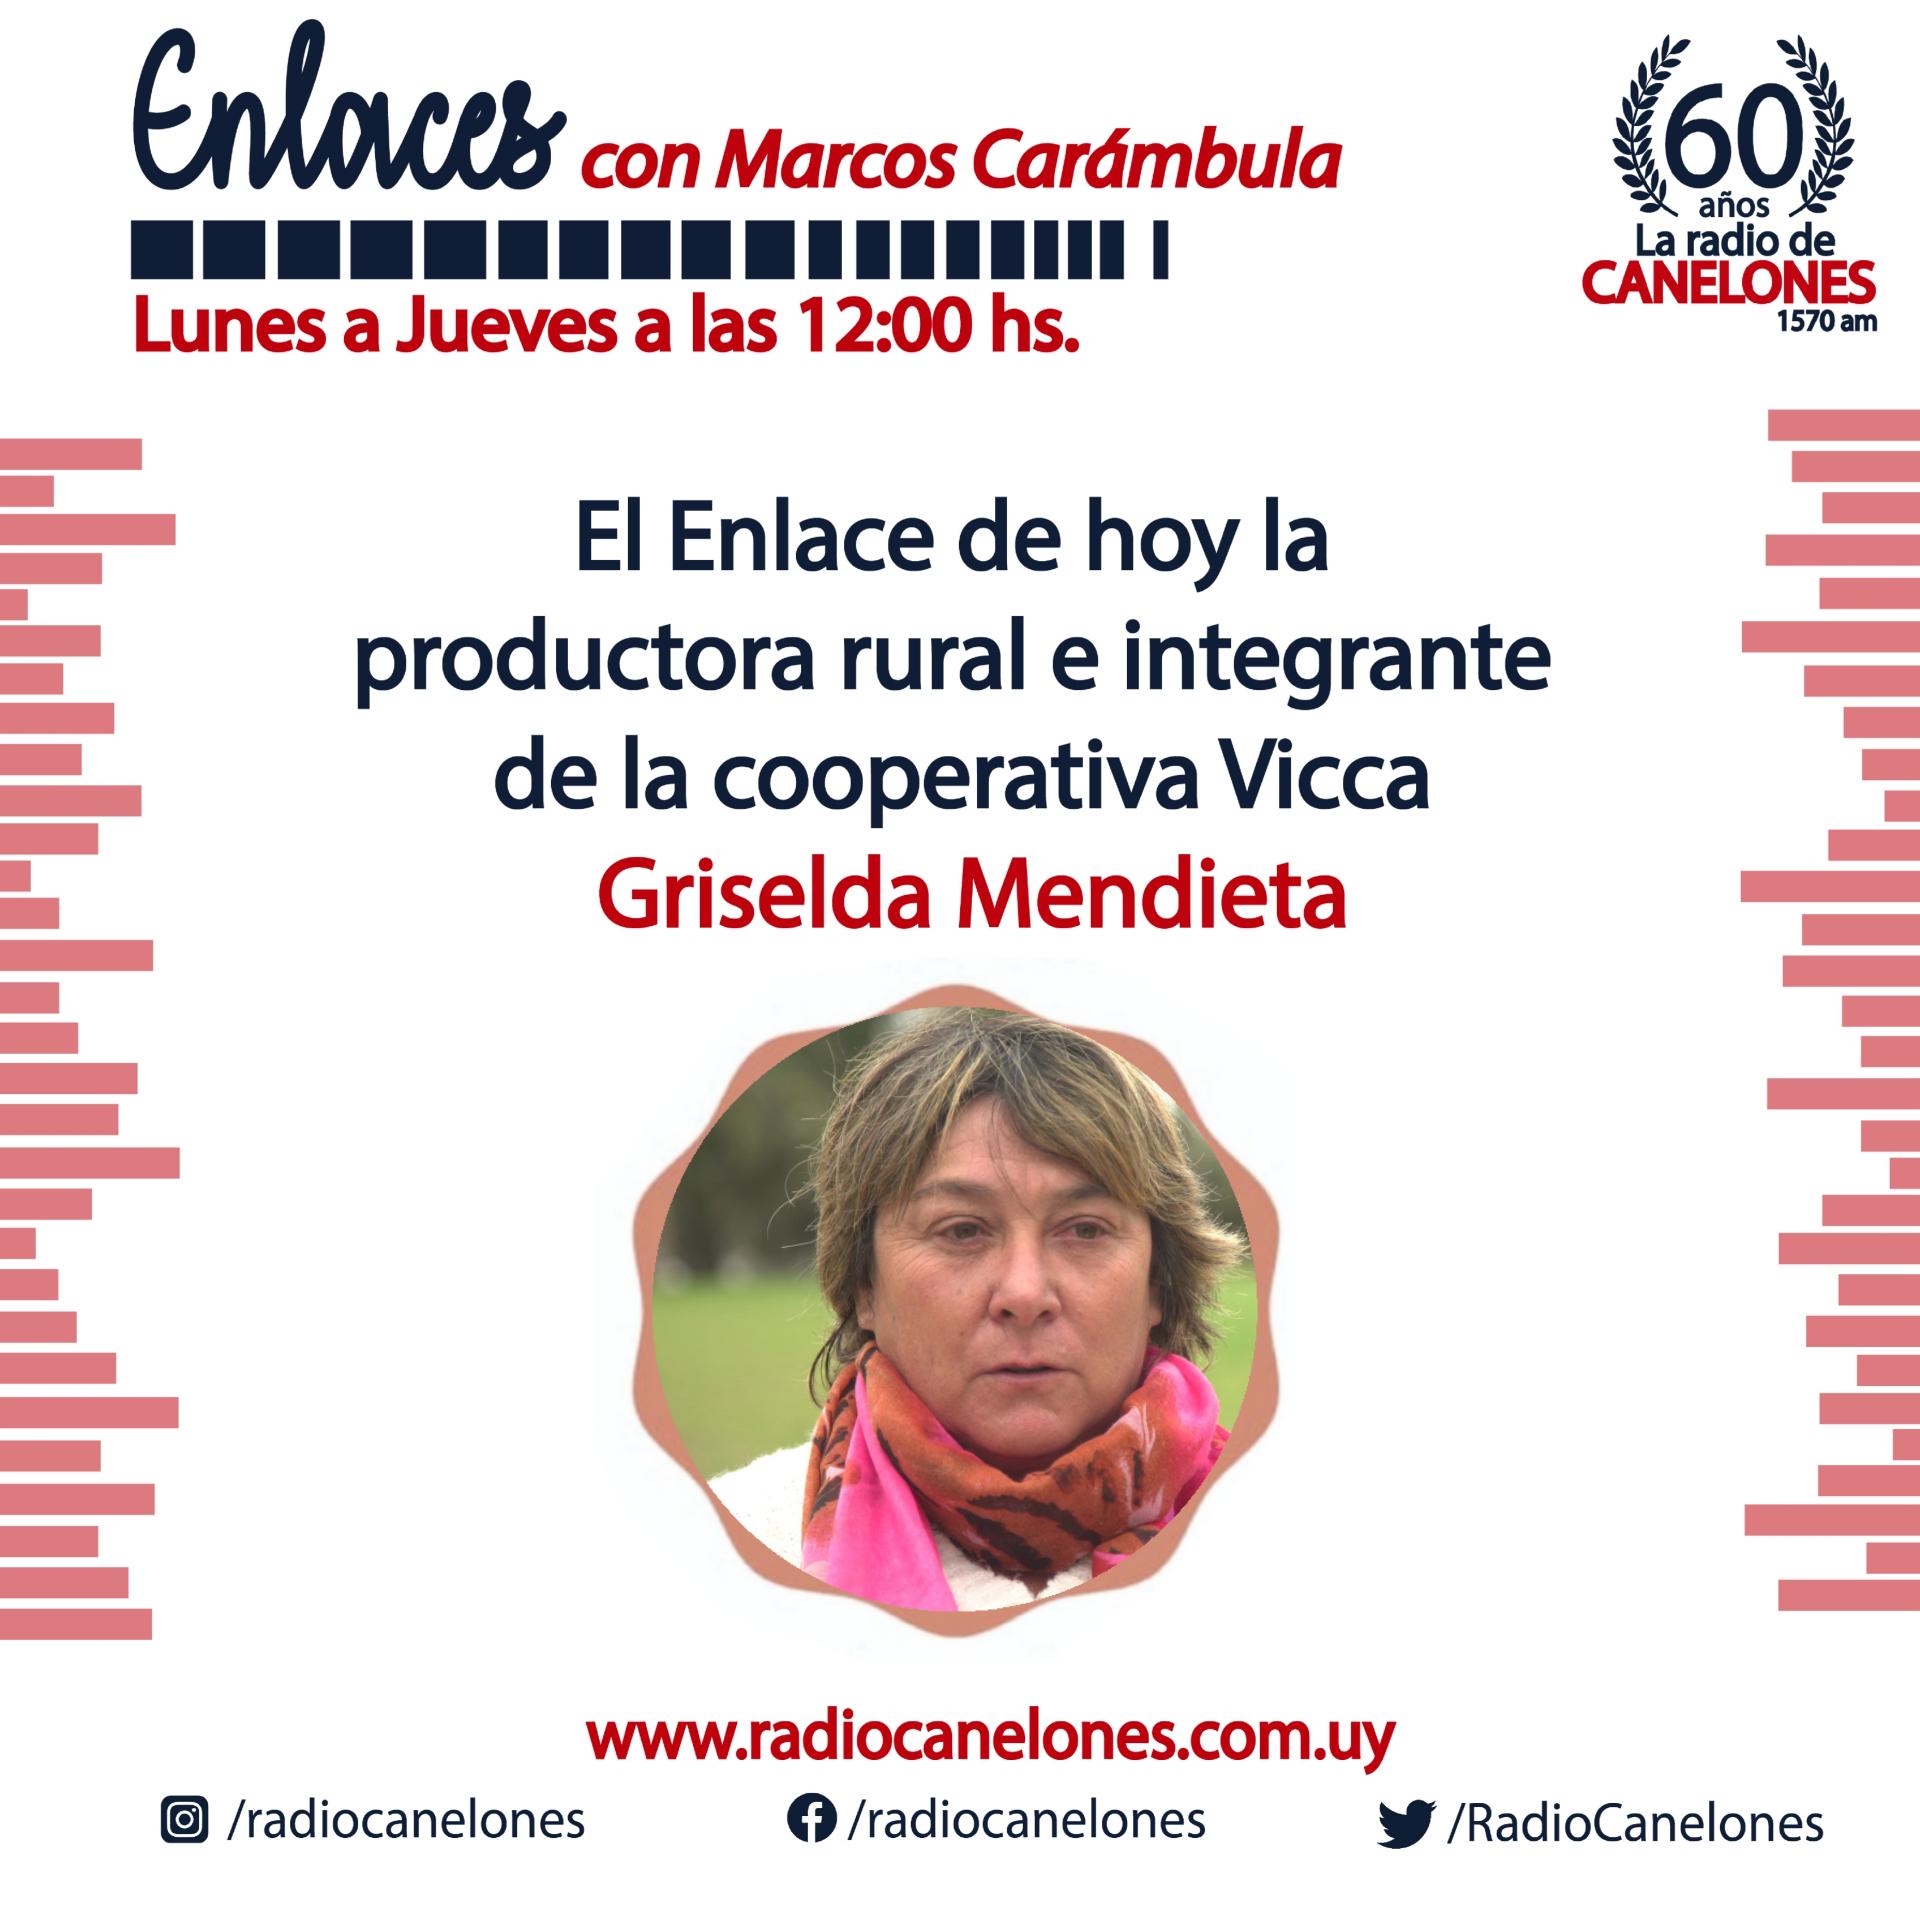 Enlaces con la productora raural Griselda Mendieta.